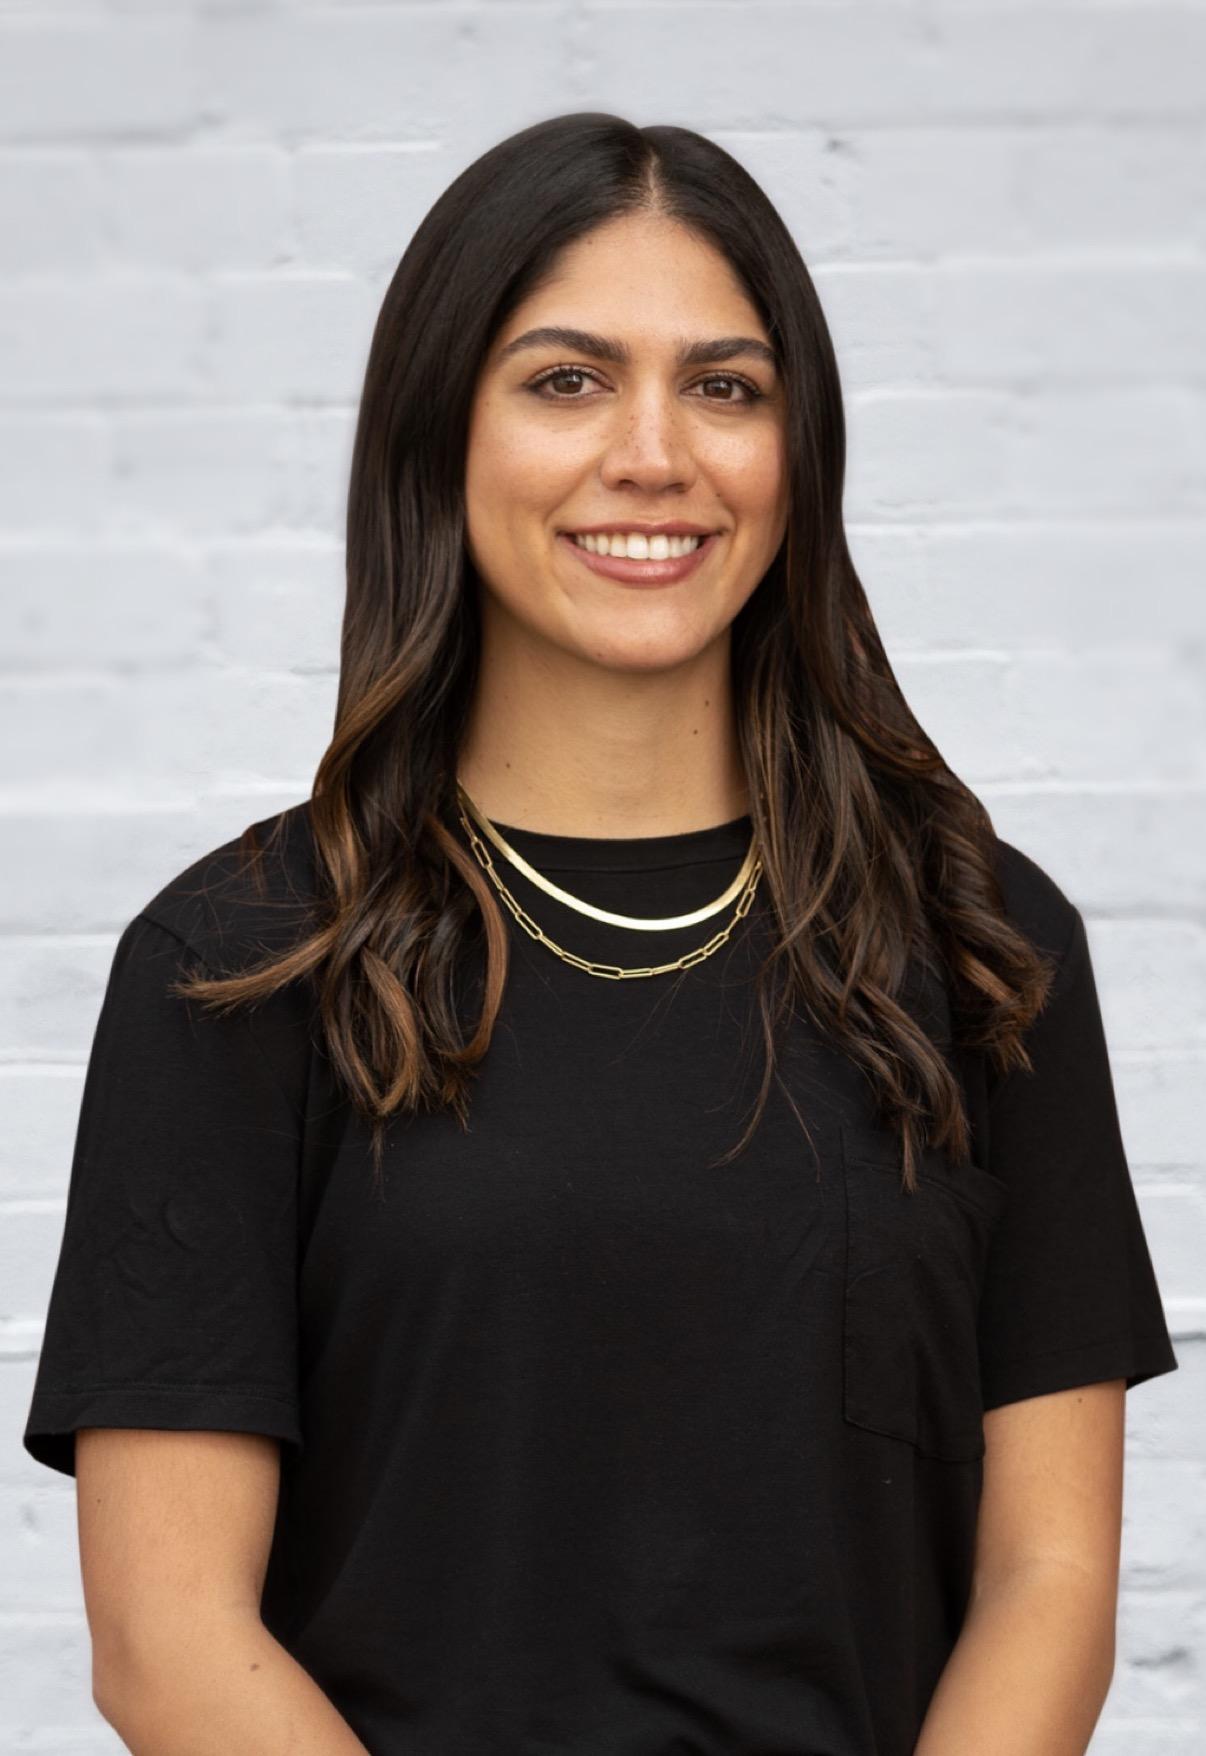 Stefanie Safahi